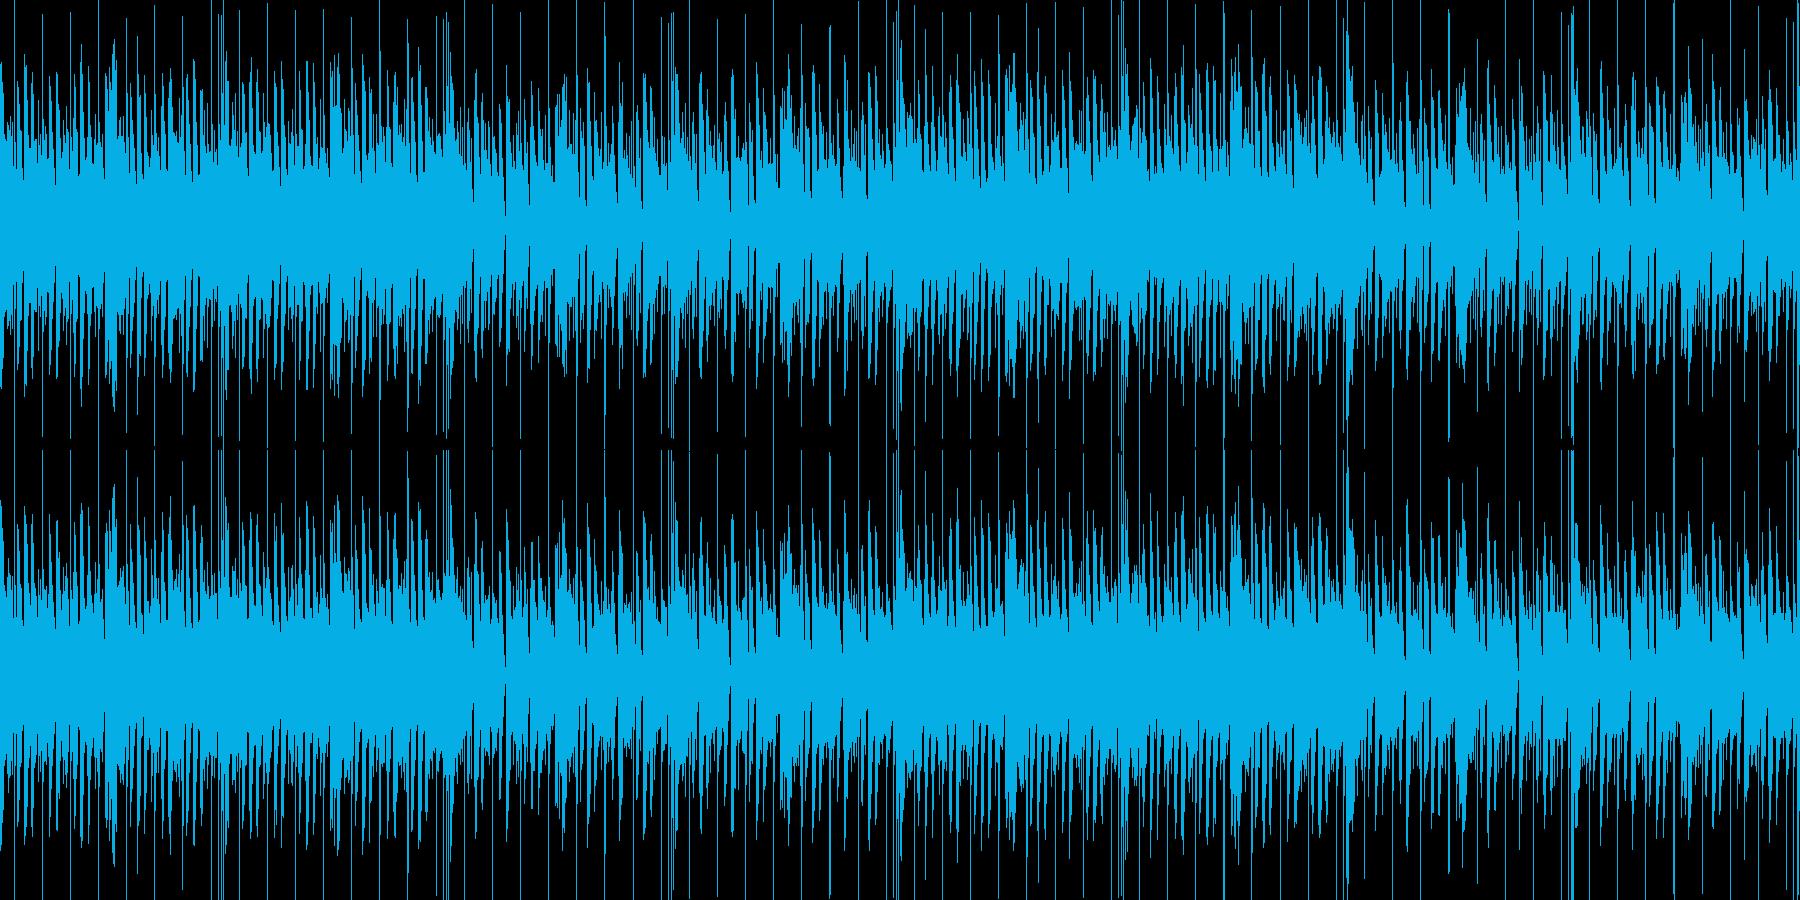 フューチャーベースEDM・かわいい楽しいの再生済みの波形